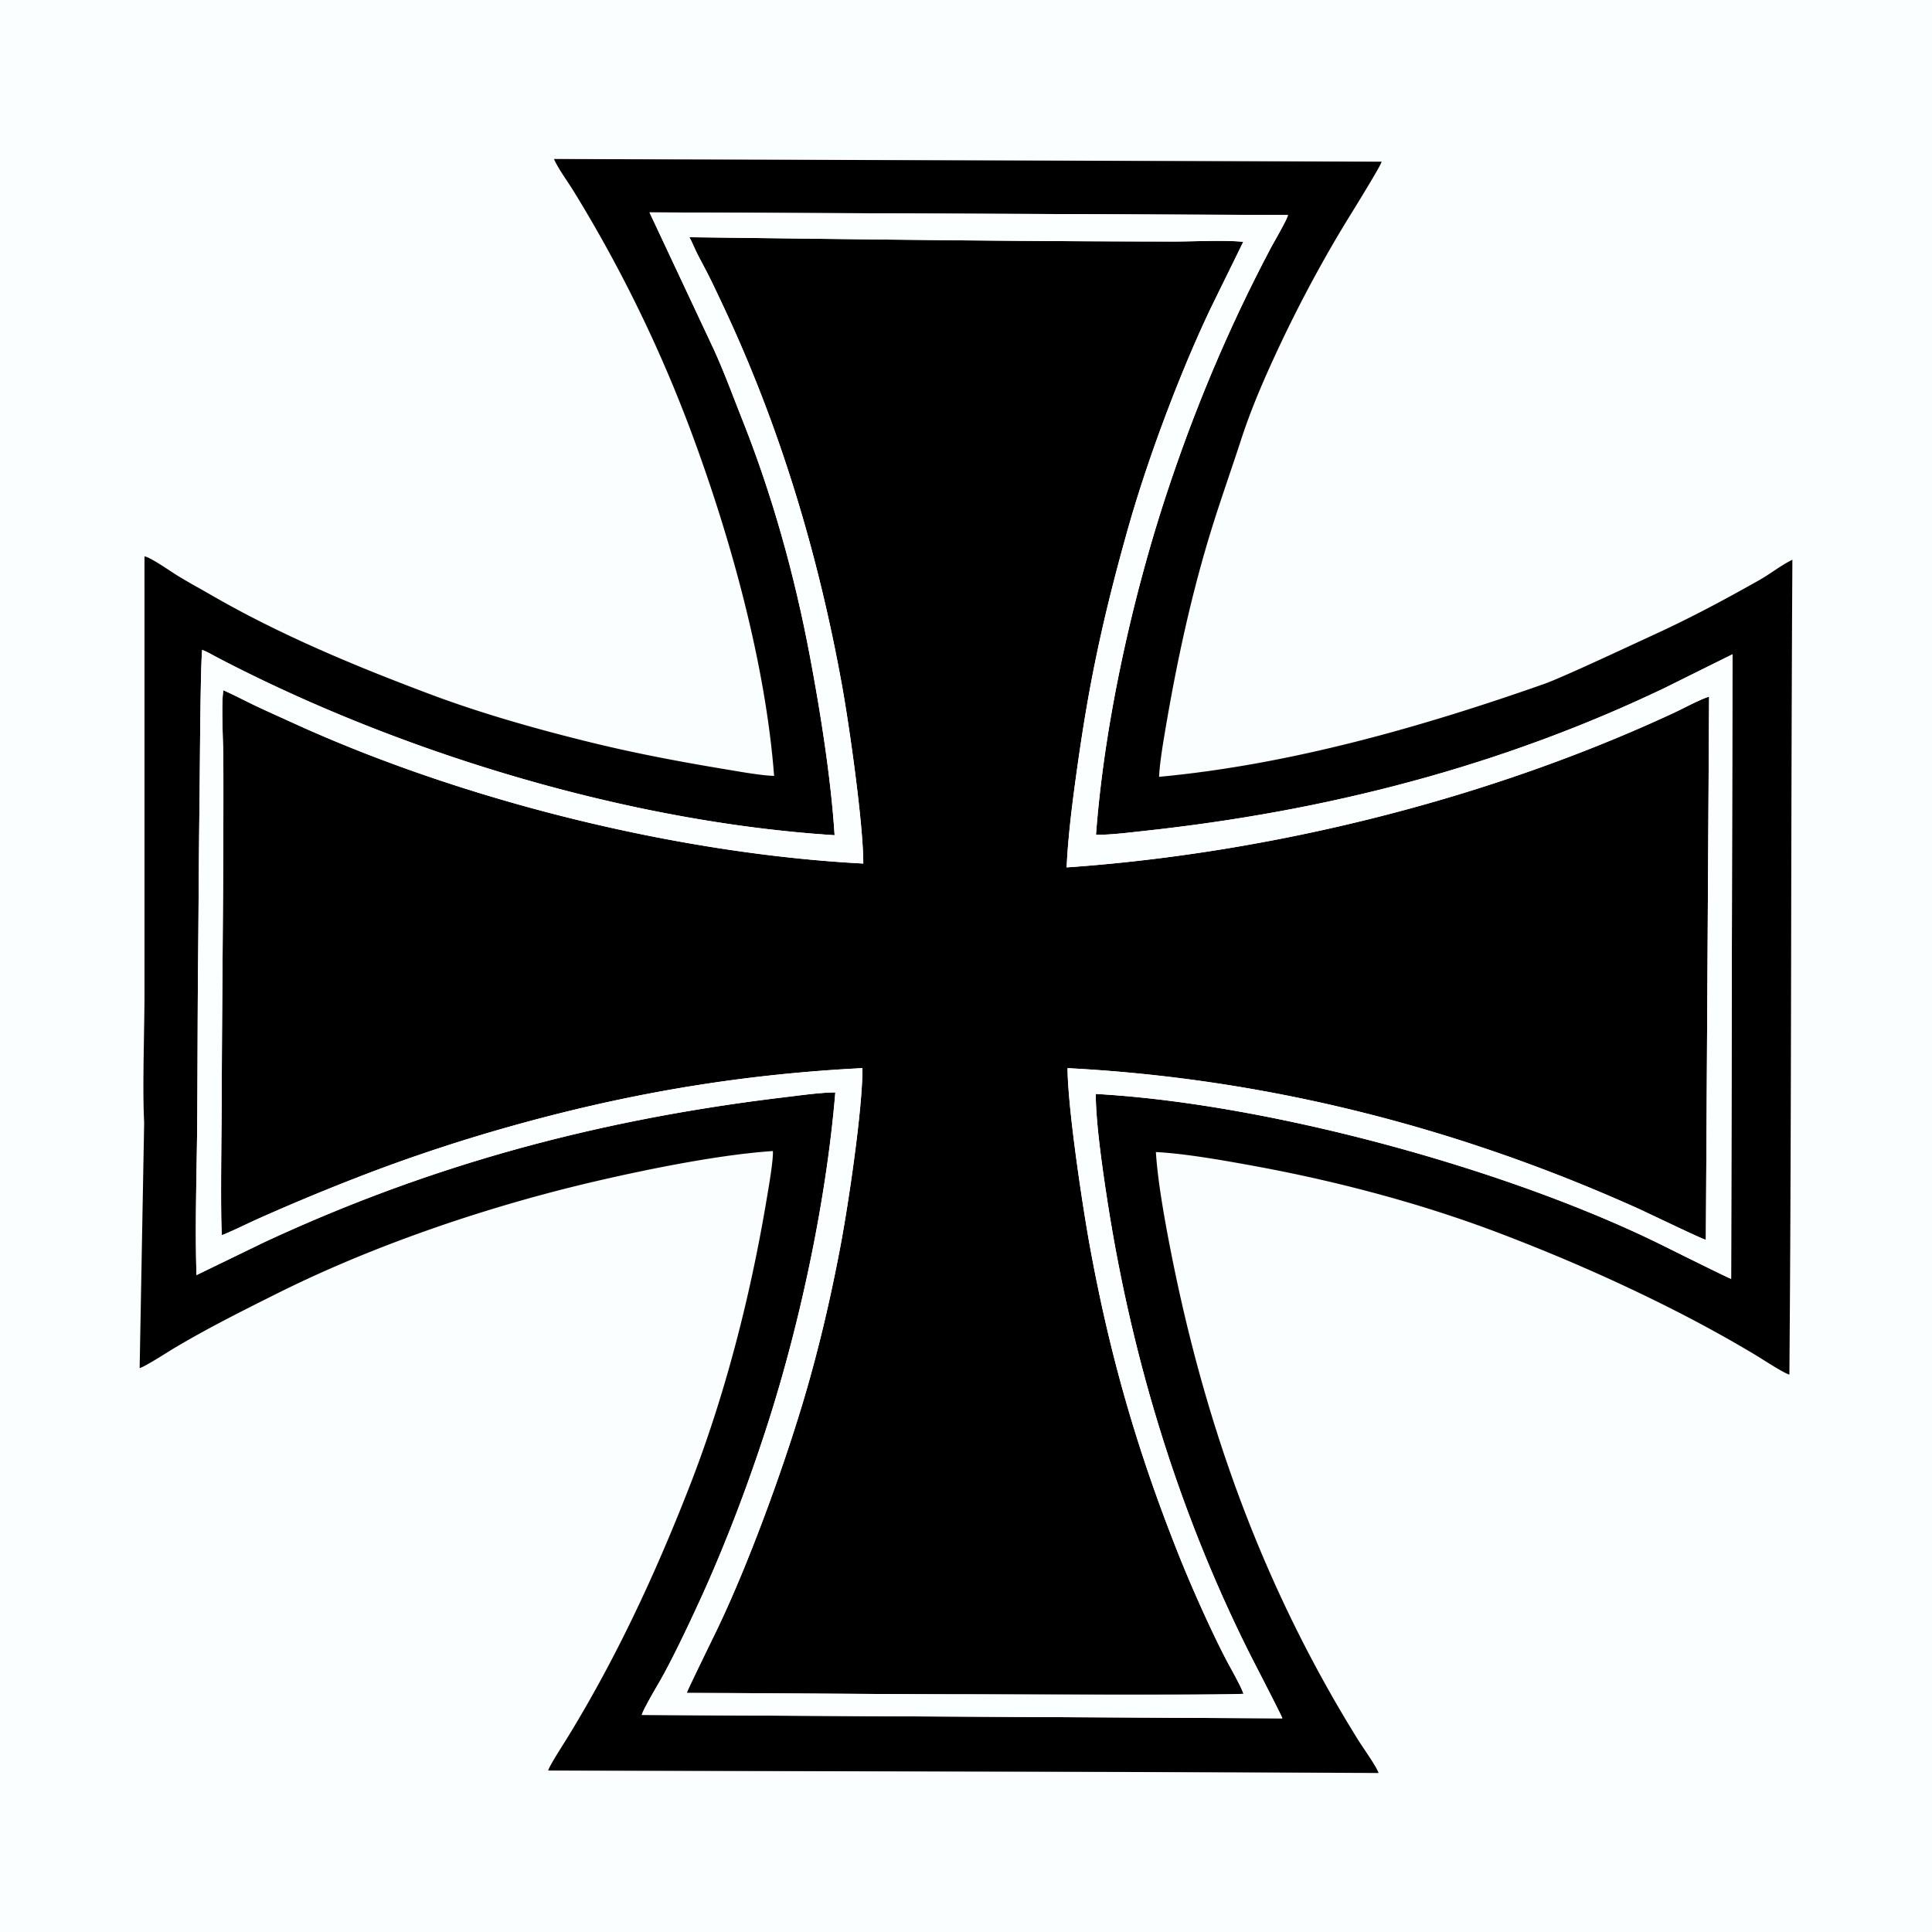 Autocollant croix en fer 140 x 140 mm – Bild 1